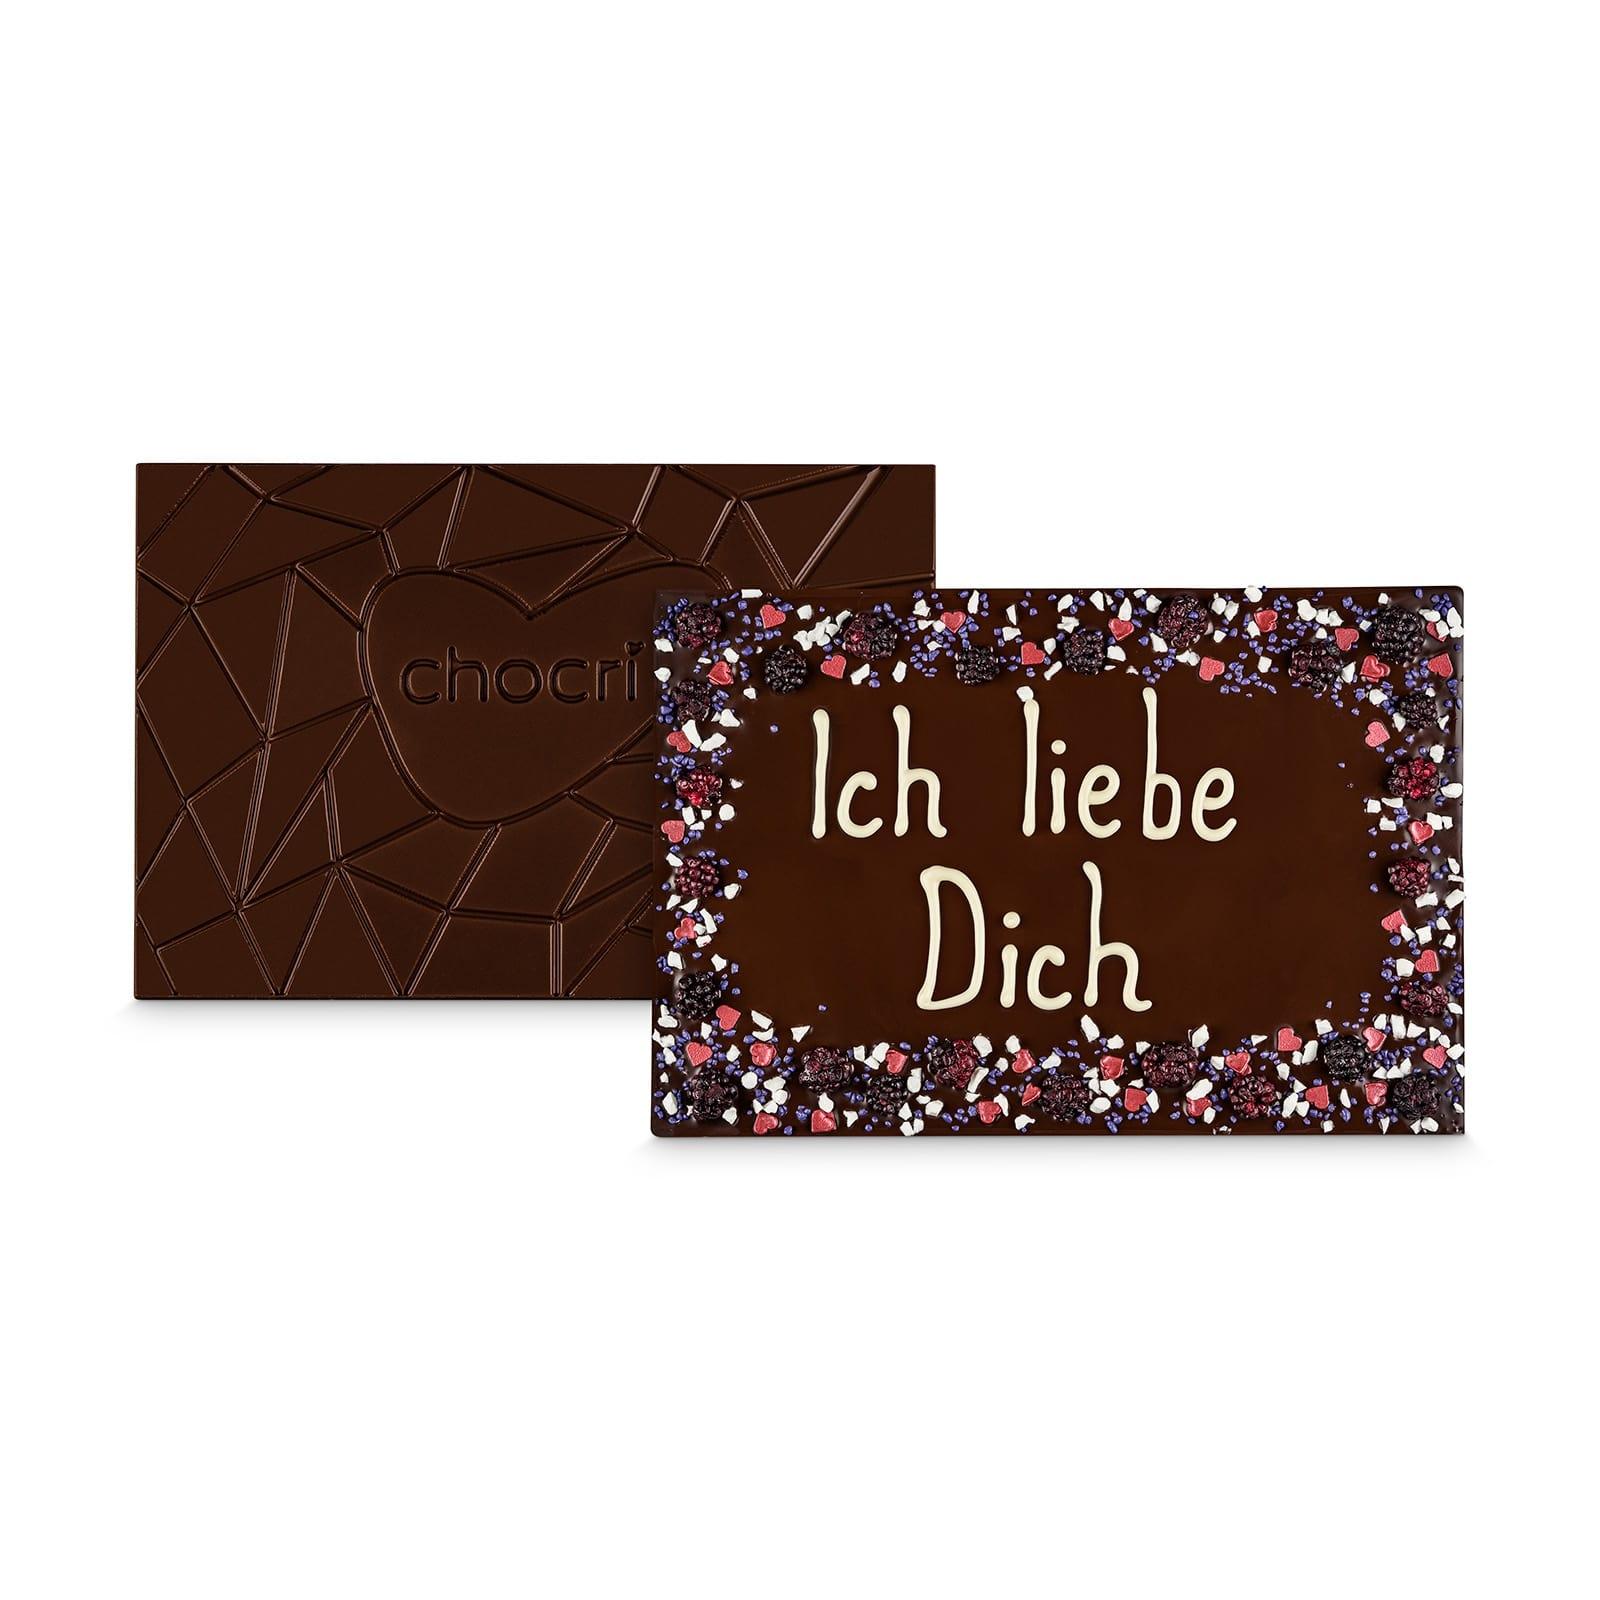 - XXL Zartbitter Schokoladentafel handbeschriftet mit Botschaft in einer hochwertigen Holzkiste - Onlineshop Chocri